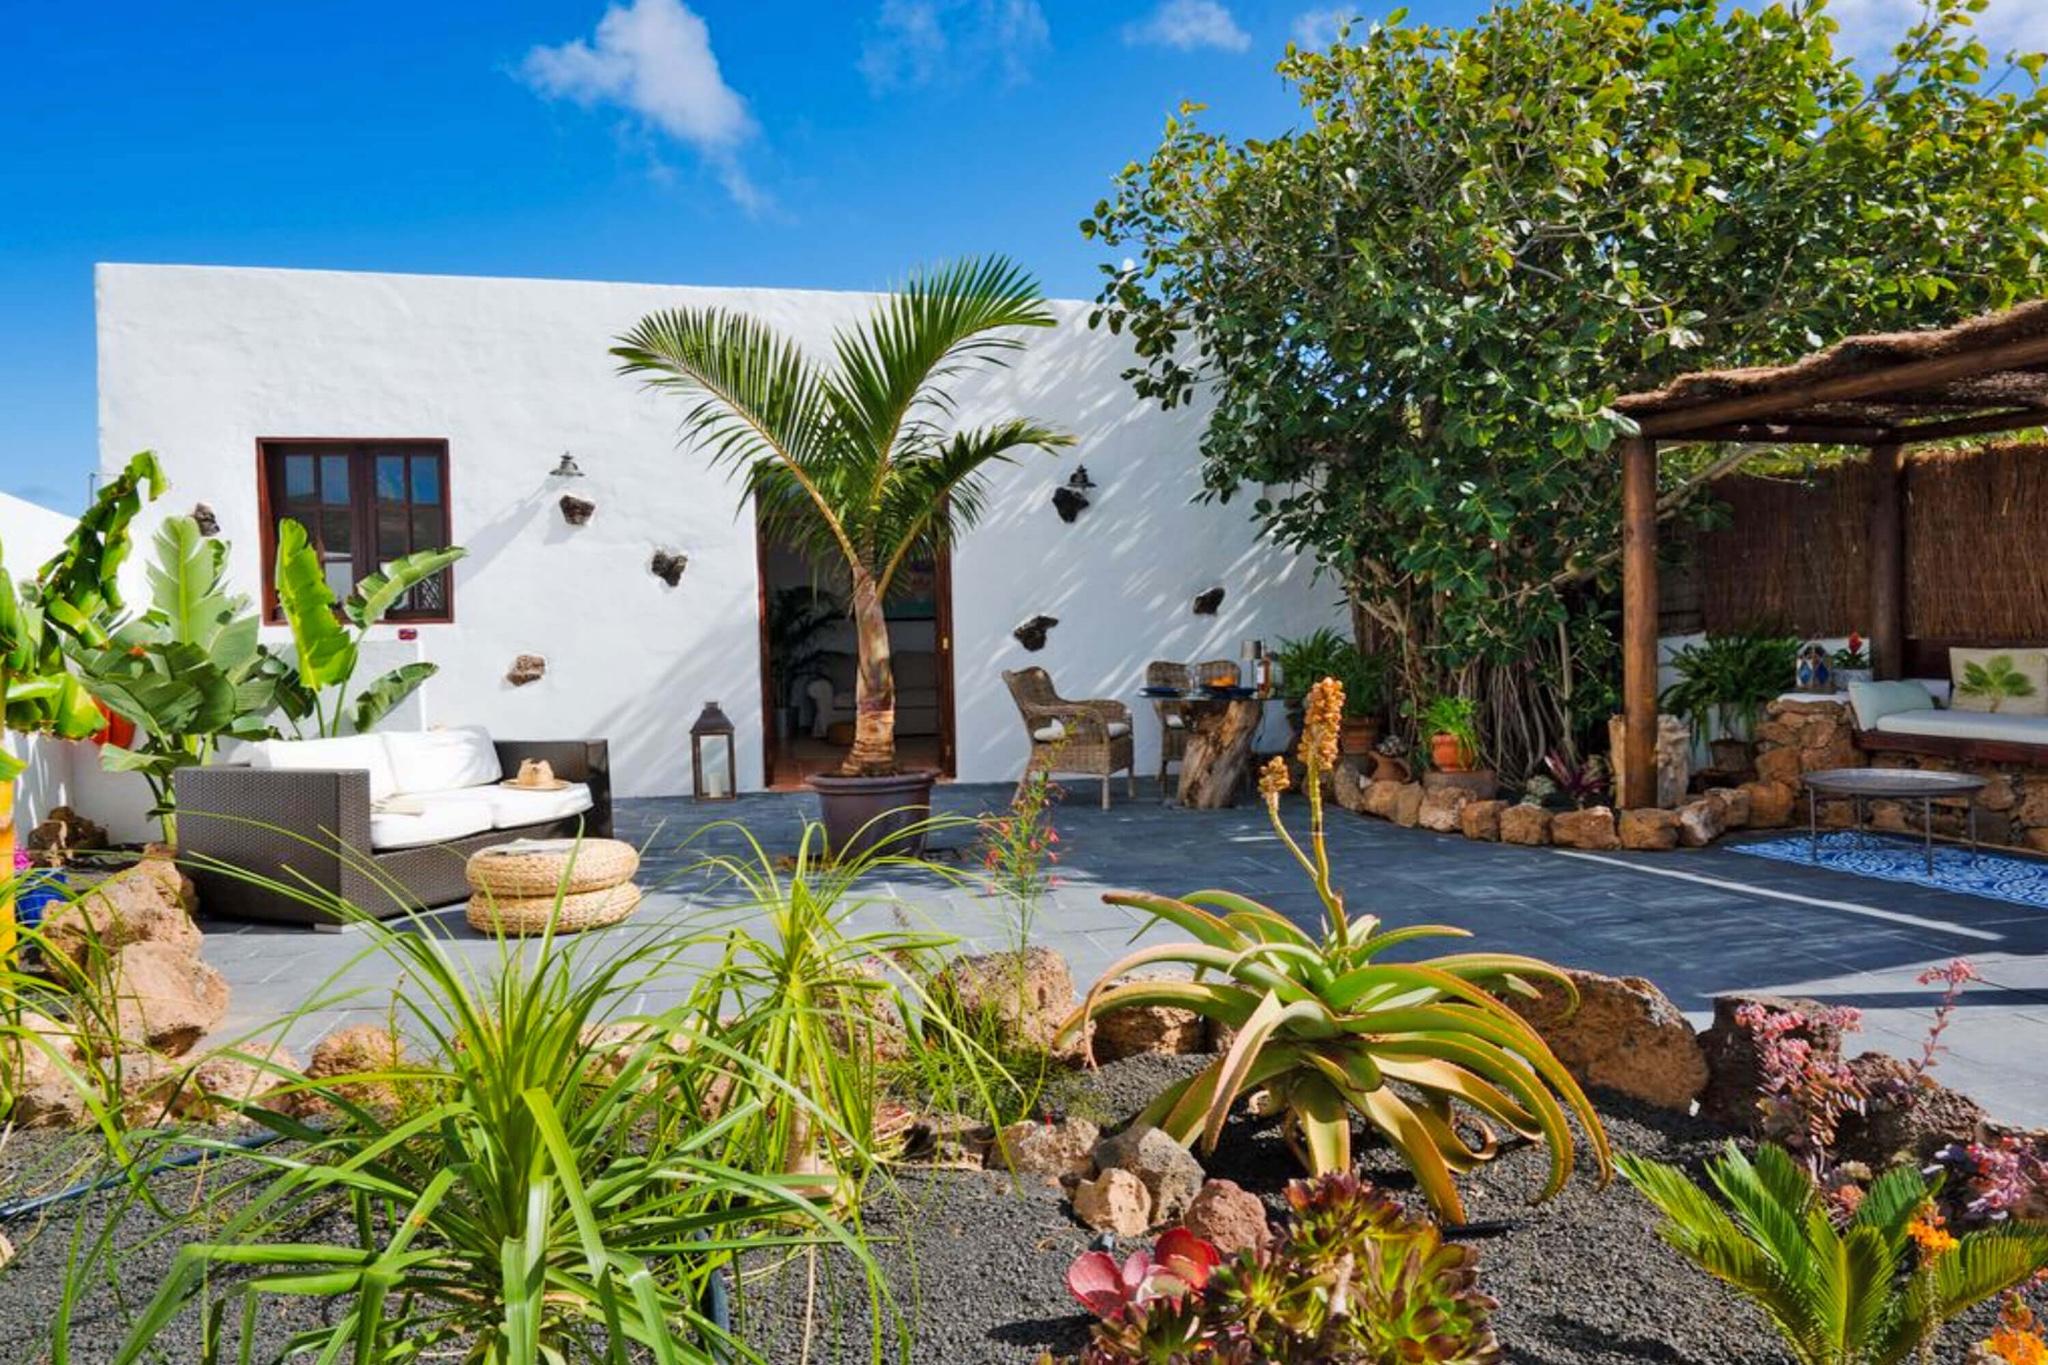 Komplett renoviertes und stilvolles Ferienapartment für 2 Personen mit schönem Außenbereich auf einer Finca